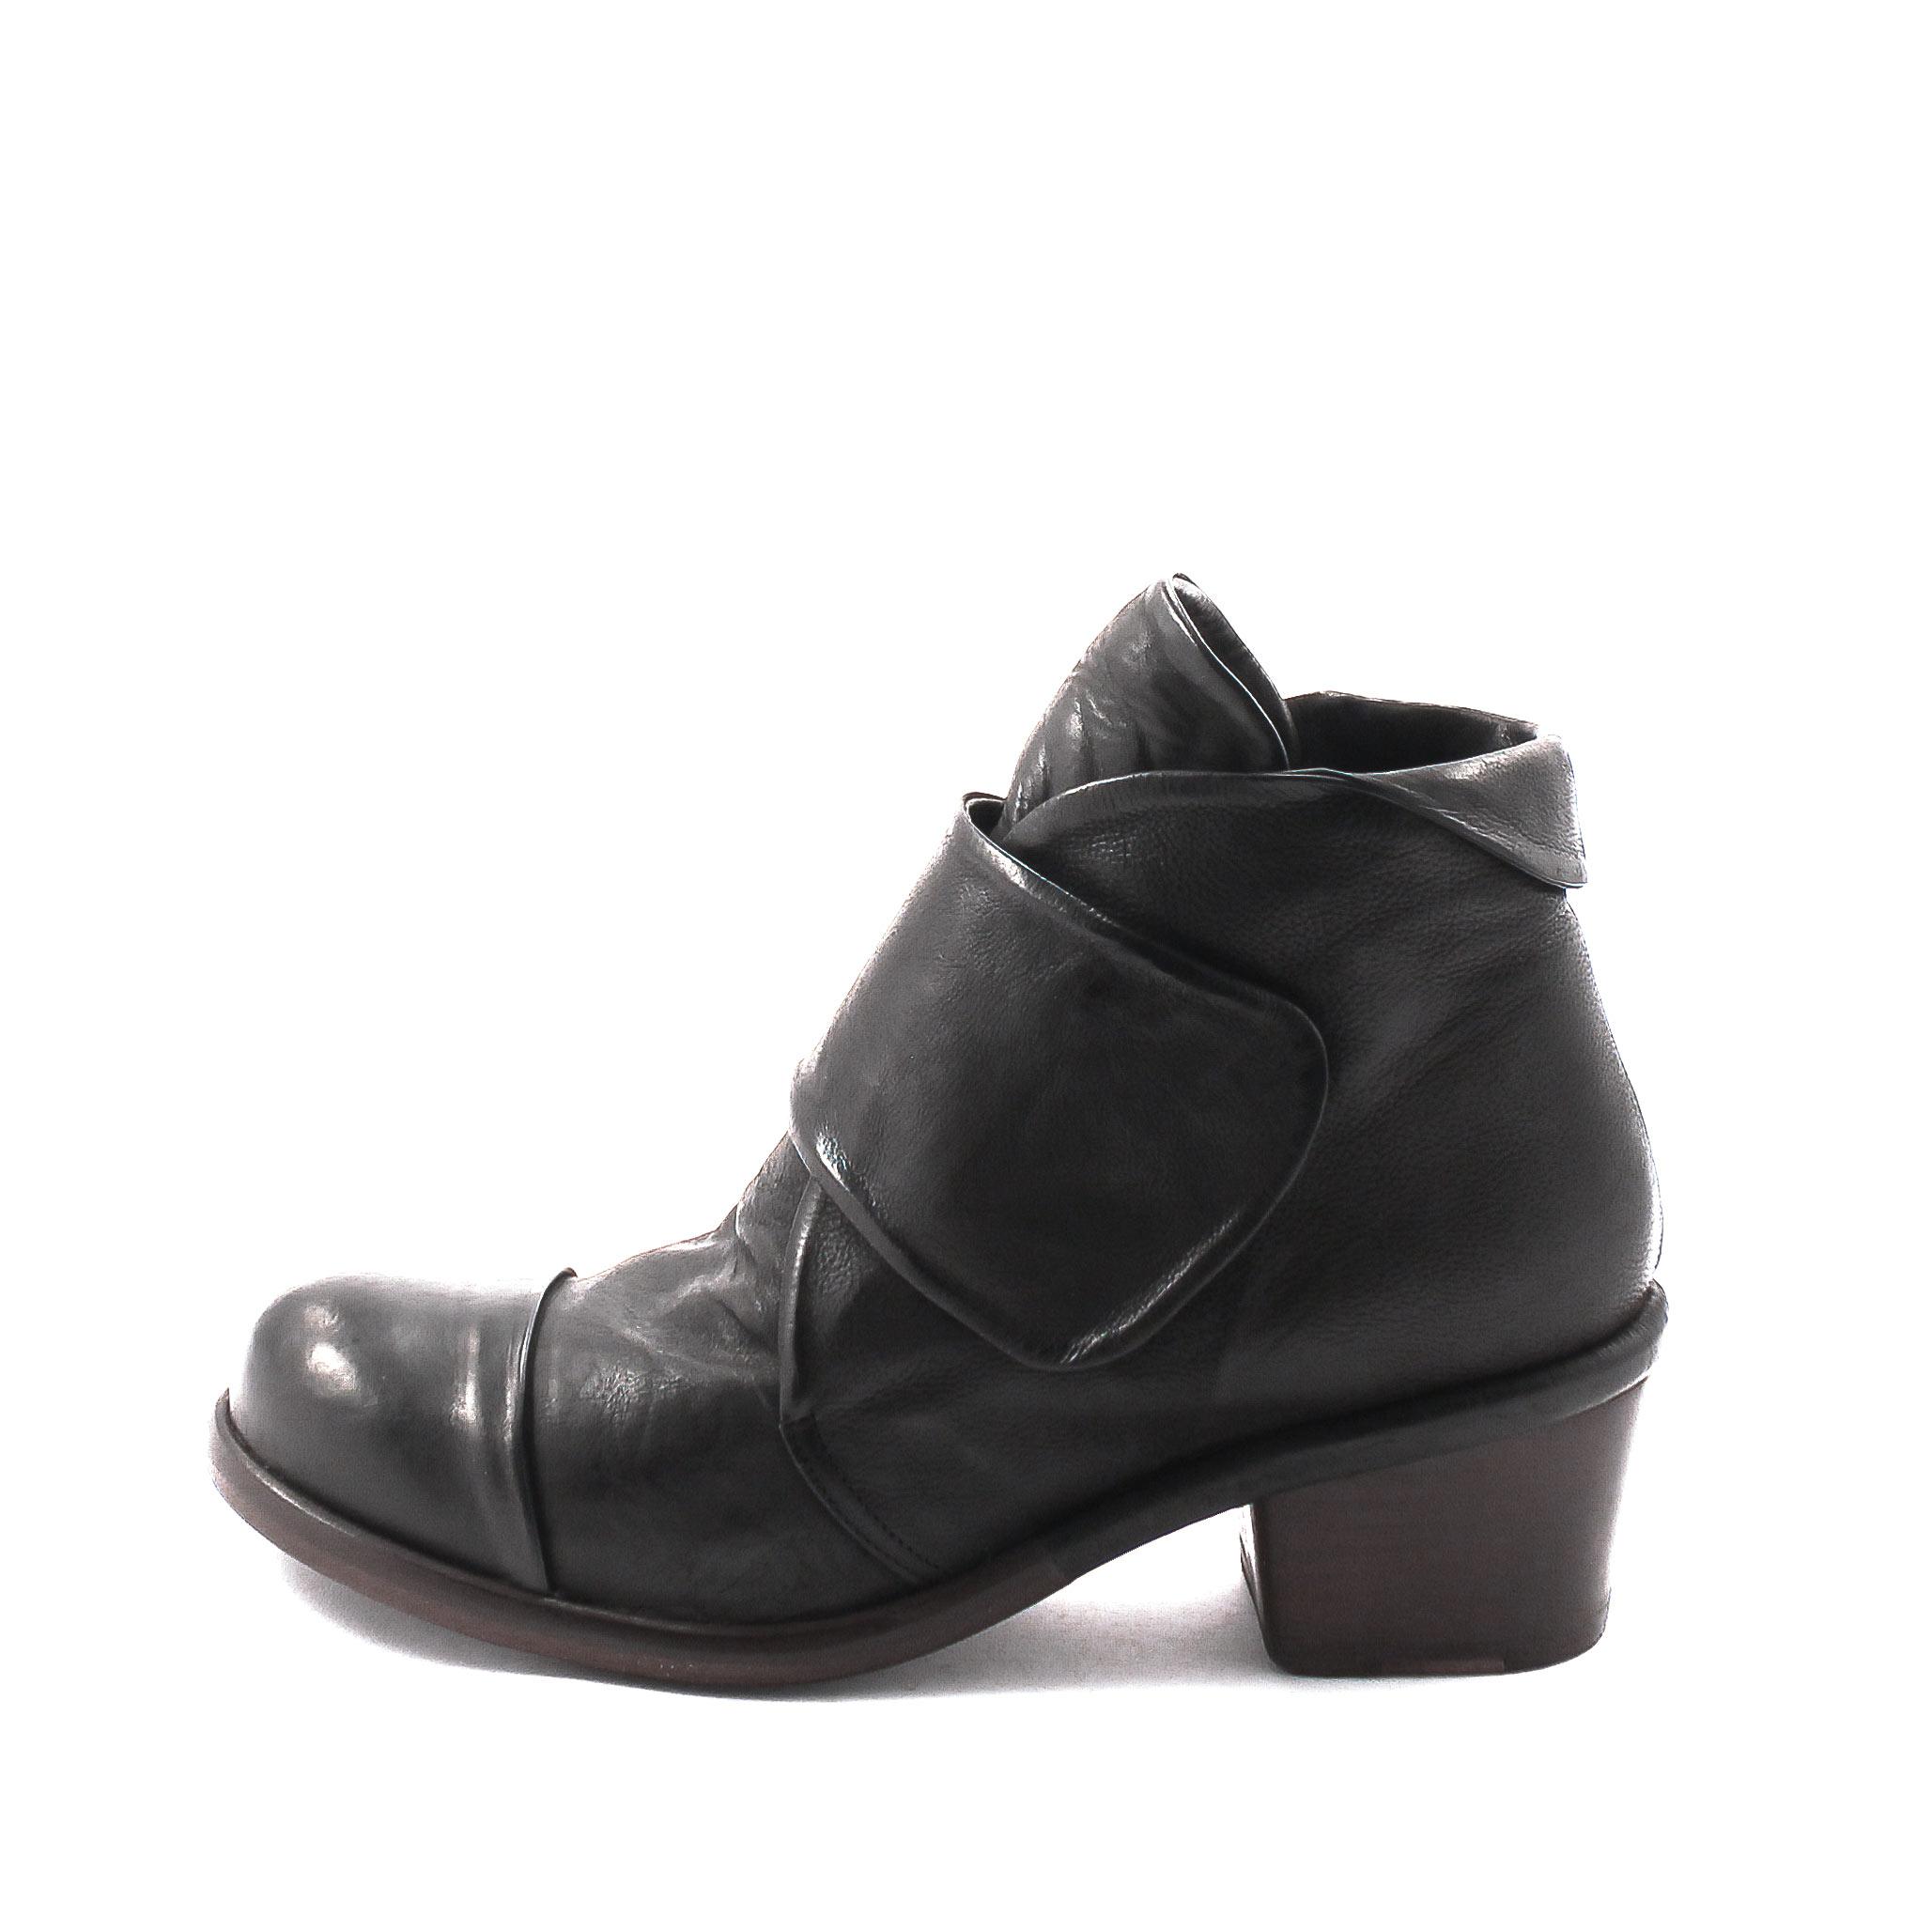 P. Monjo, P1278 Berta Damen Stiefelette, black Größe 36